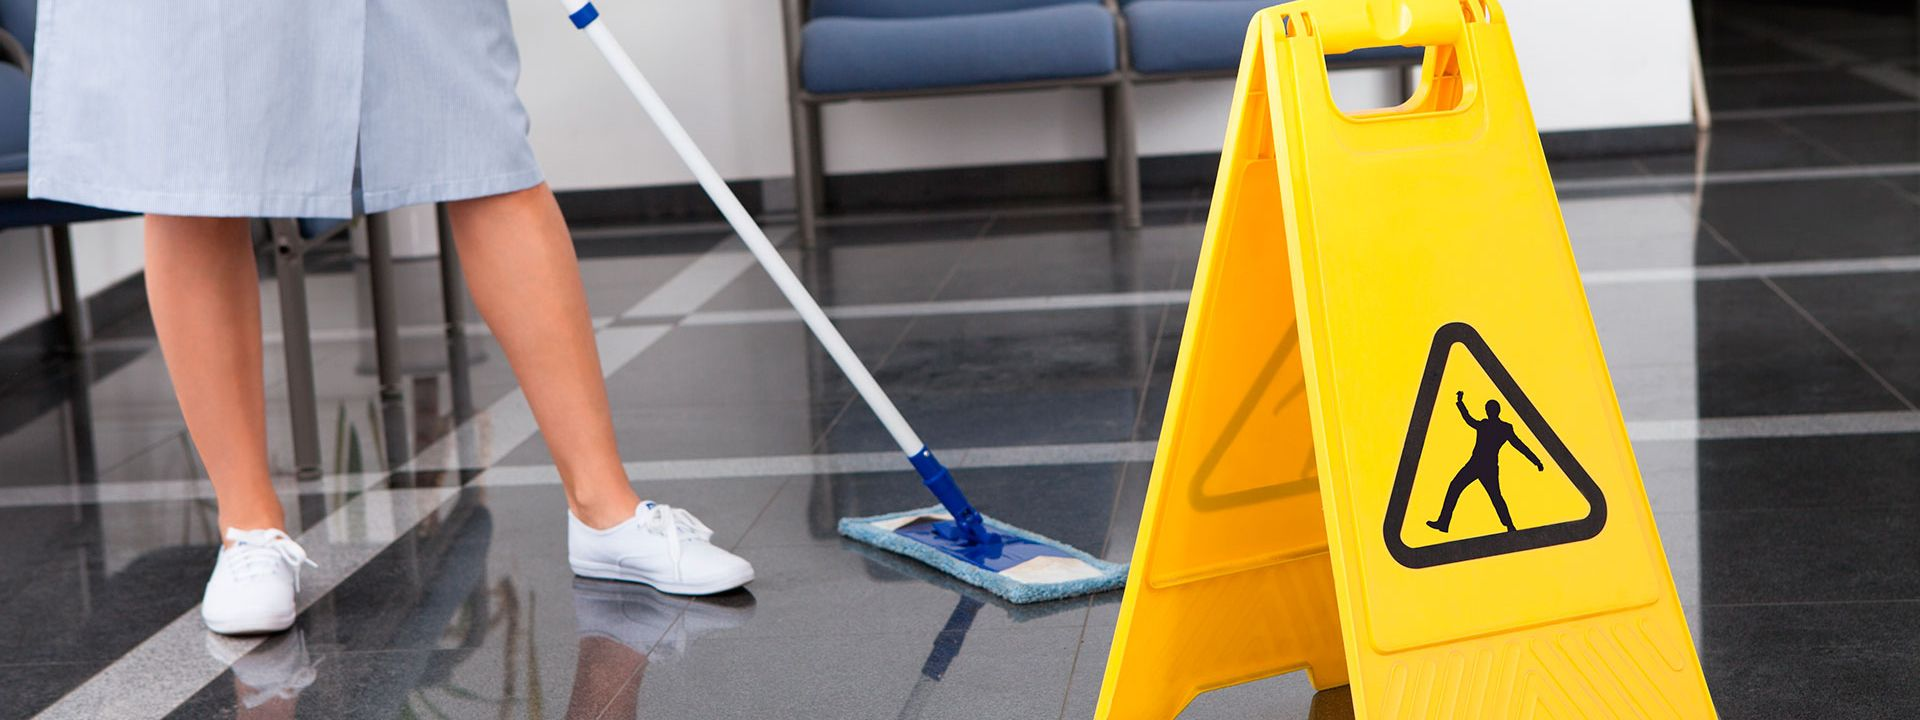 Empresa de Limpiezas en Malaga